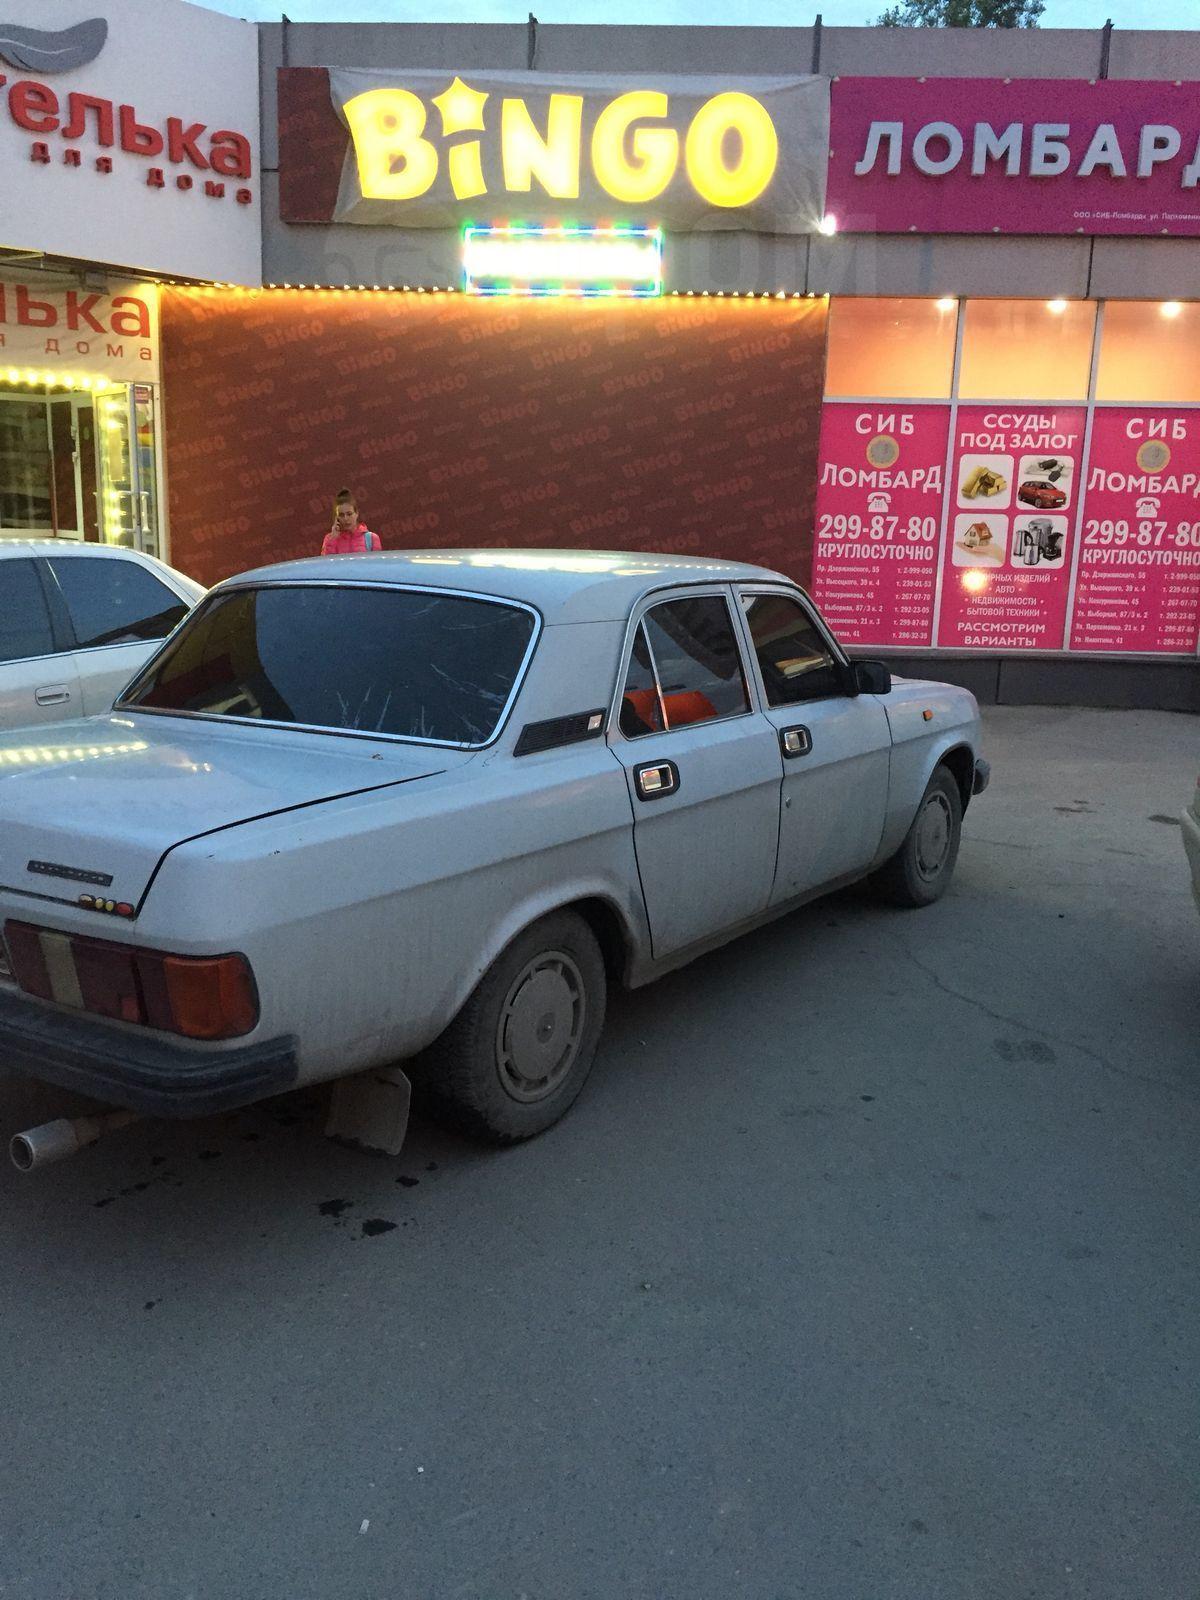 Продажа автомобилей ломбардами в новосибирске все автосалоны москвы автомобиля ваз